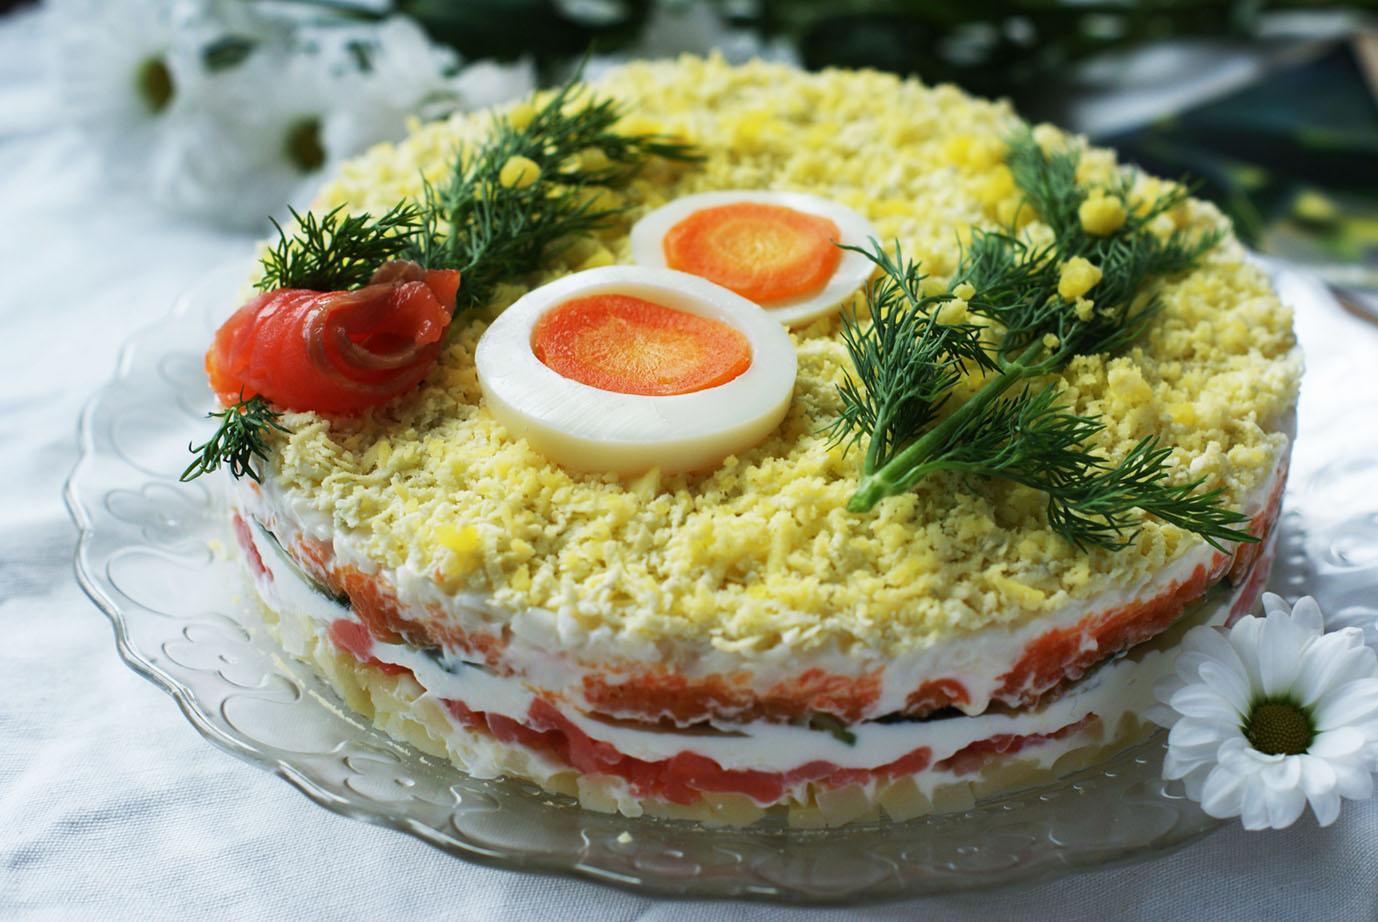 простой и очень вкусный салат «Мимоза» с горбушей и перепелиным яйцом, мастер-класс фото